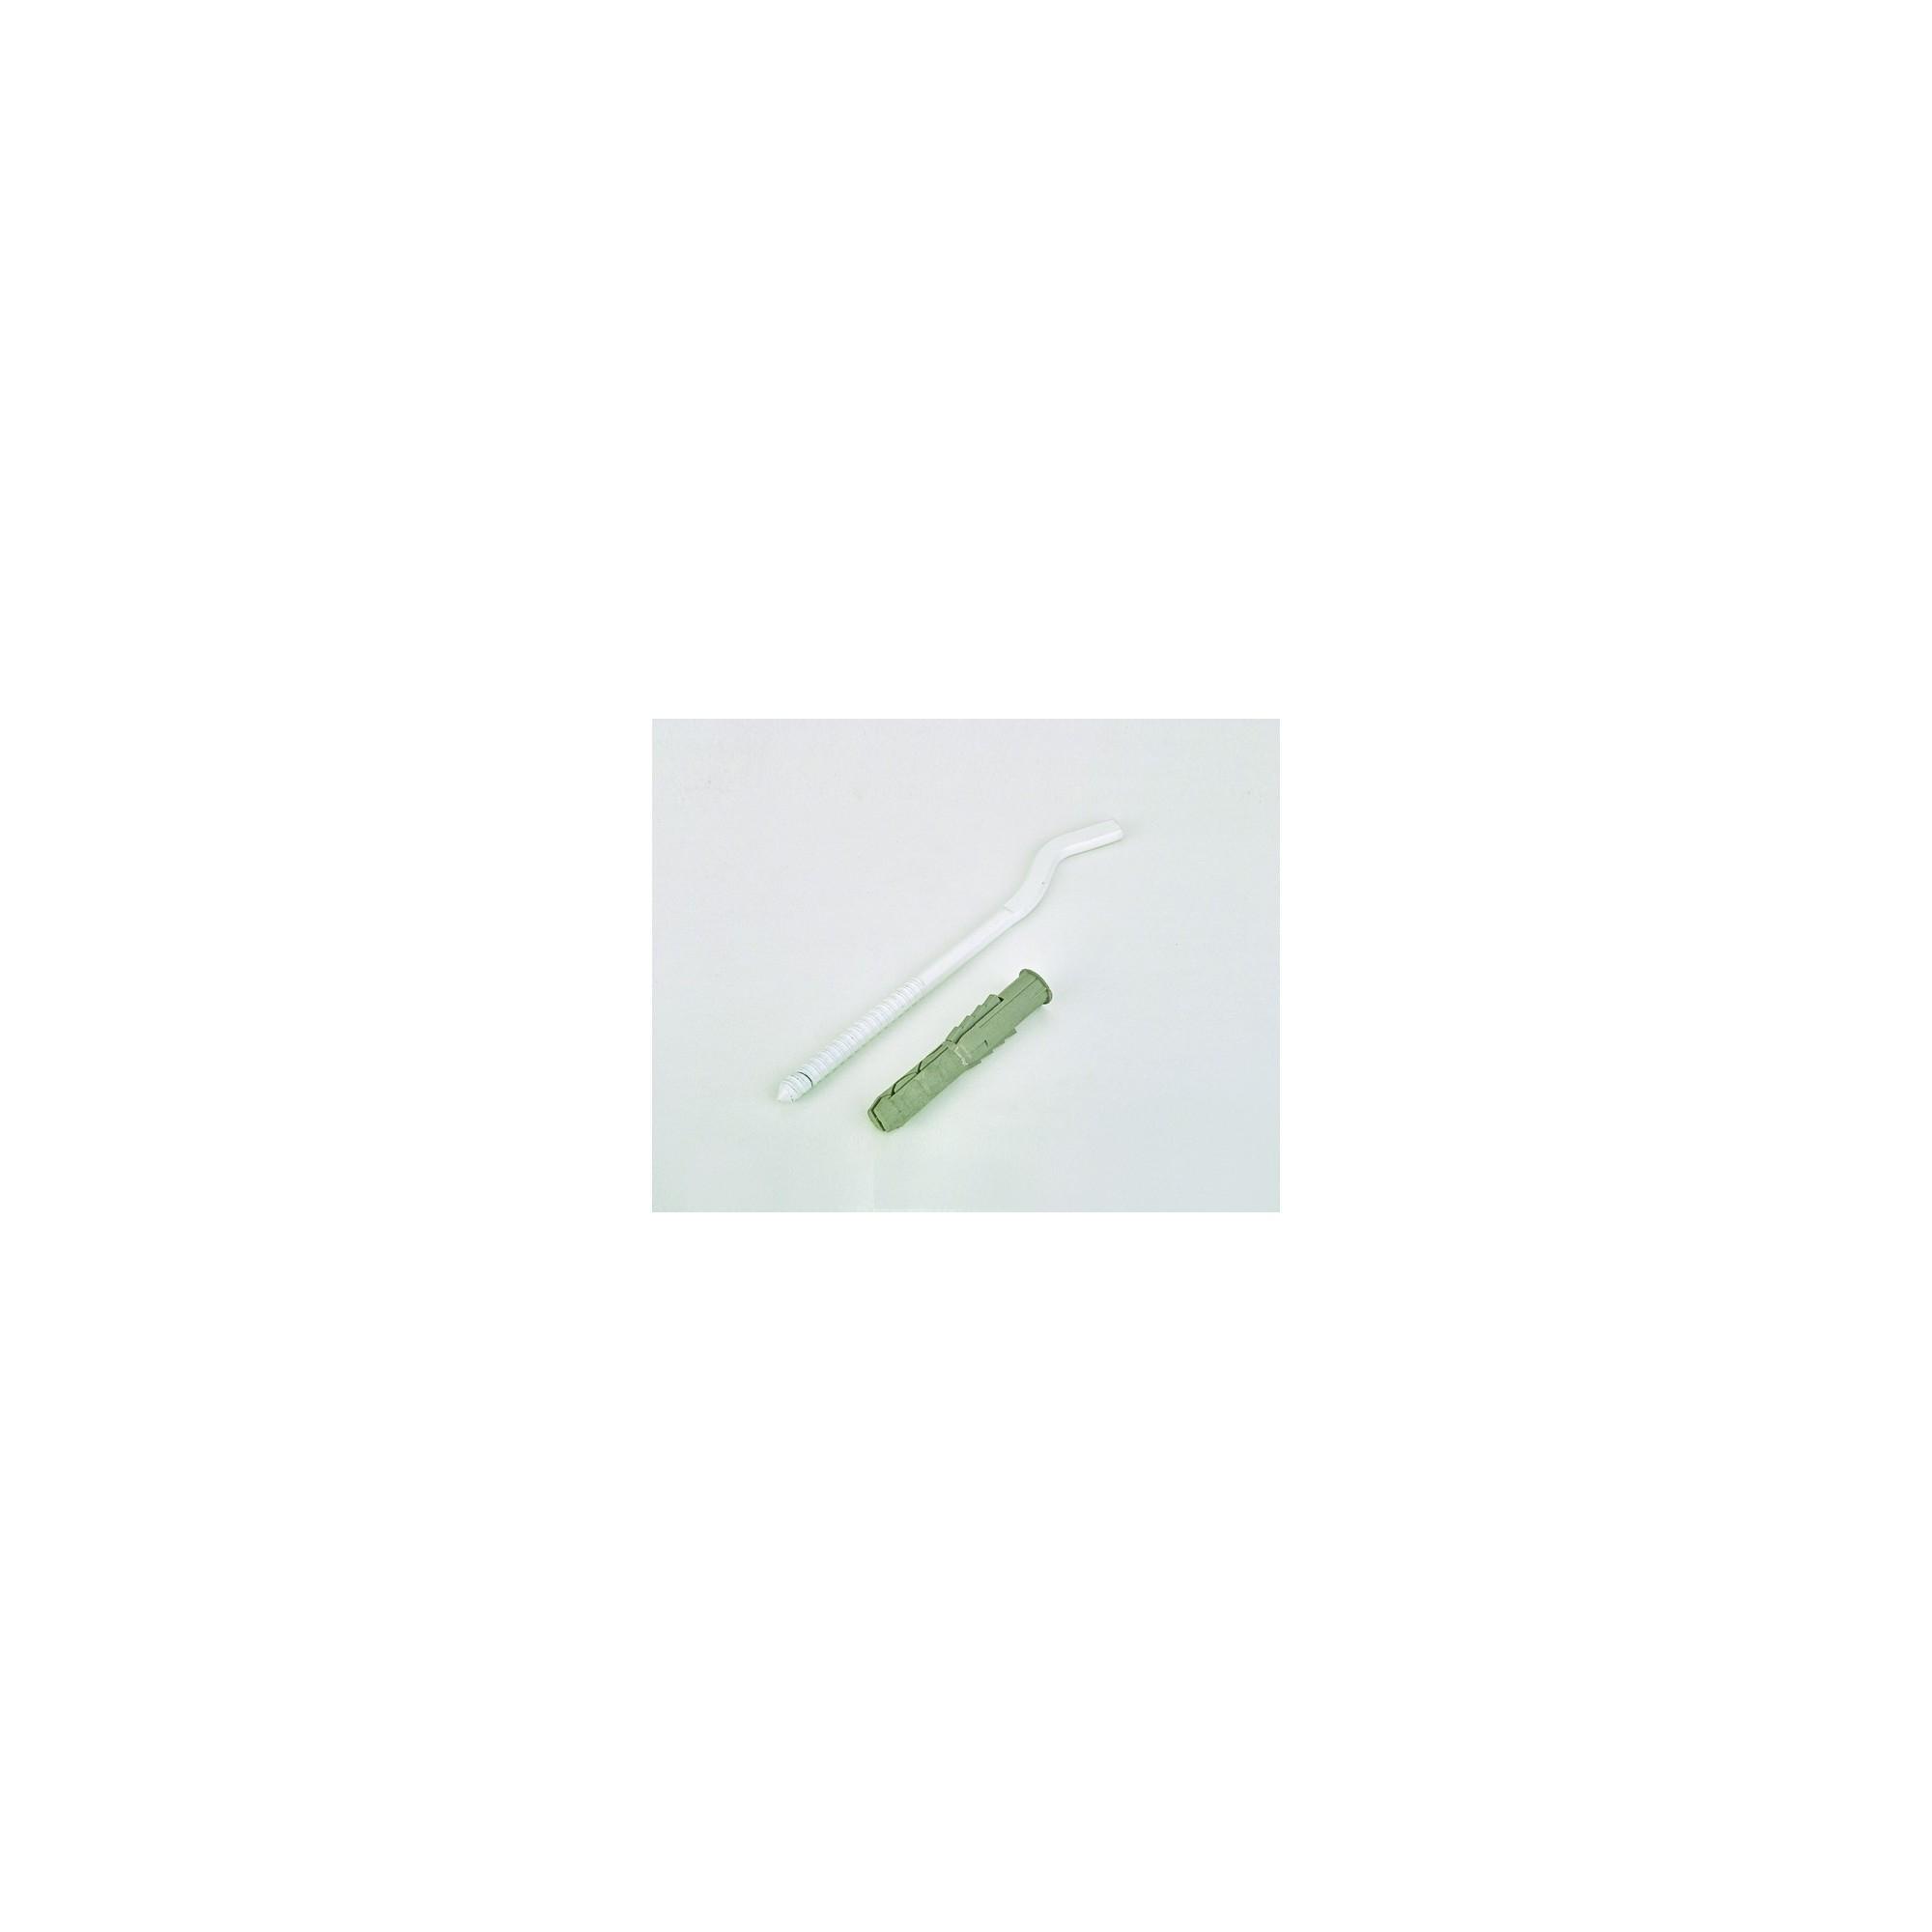 Кронштейн для чугунного радиатора BIG 280мм*10мм SA U4 J.G. - 1